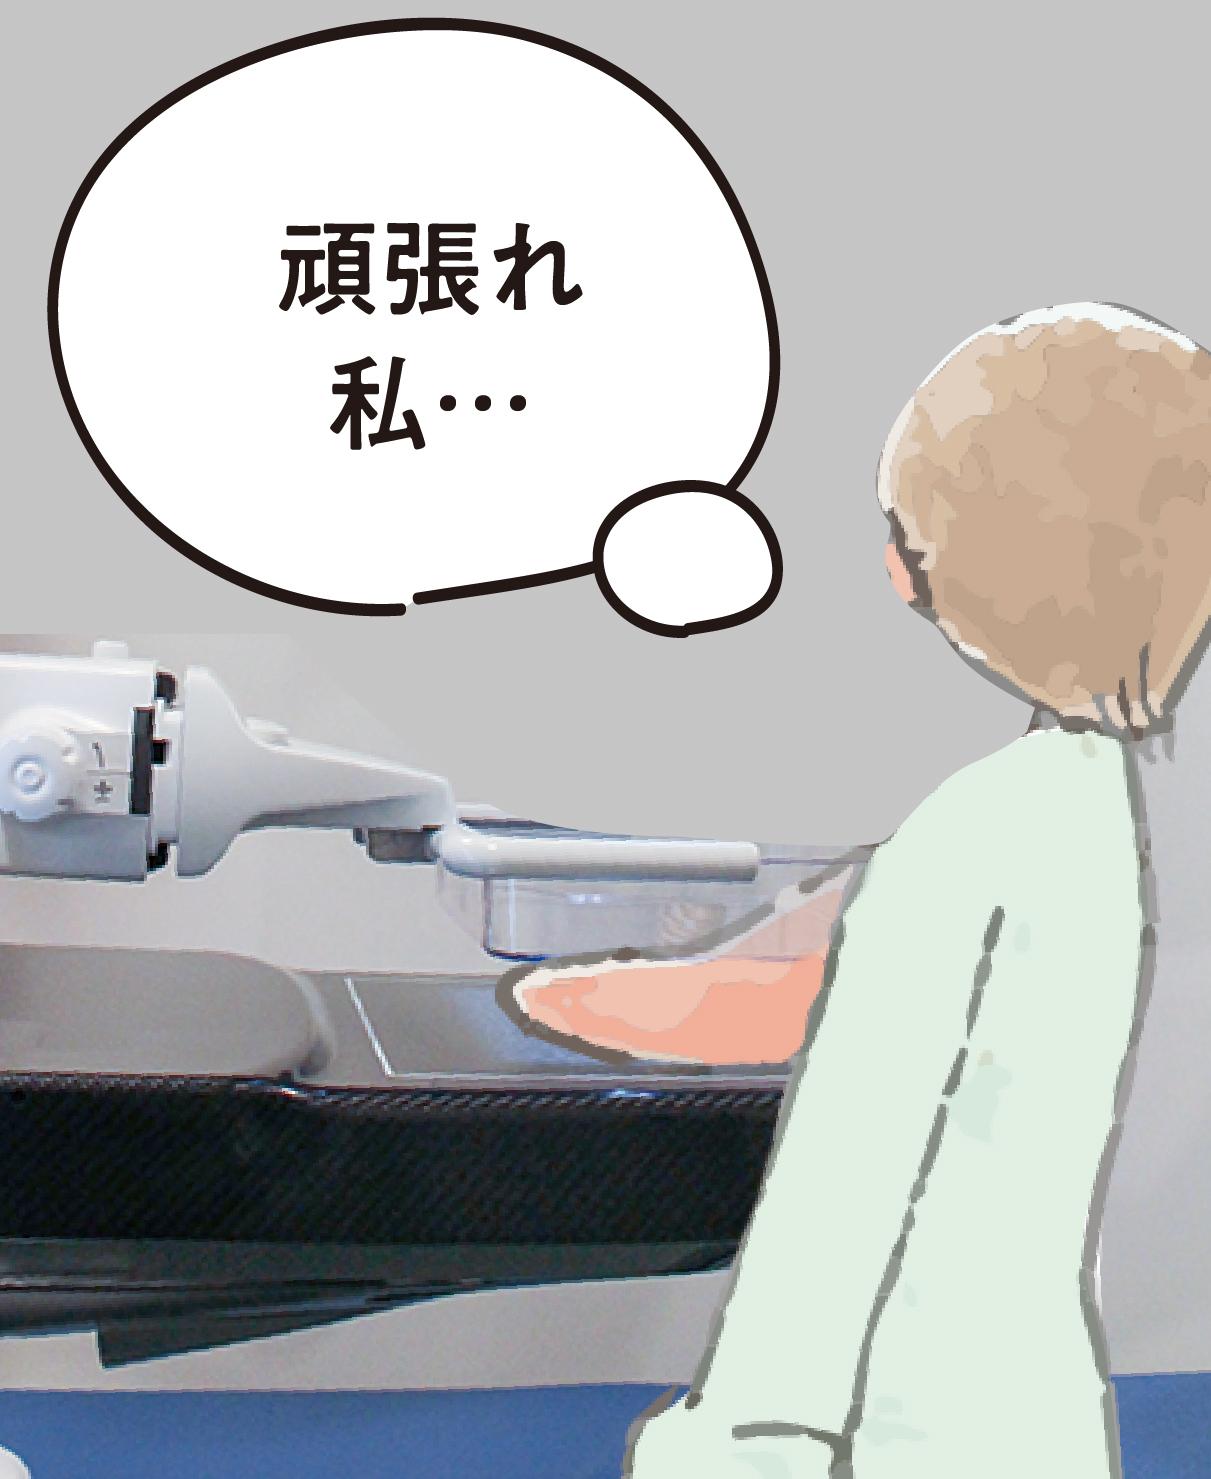 マンモグラフィー検査をする女性